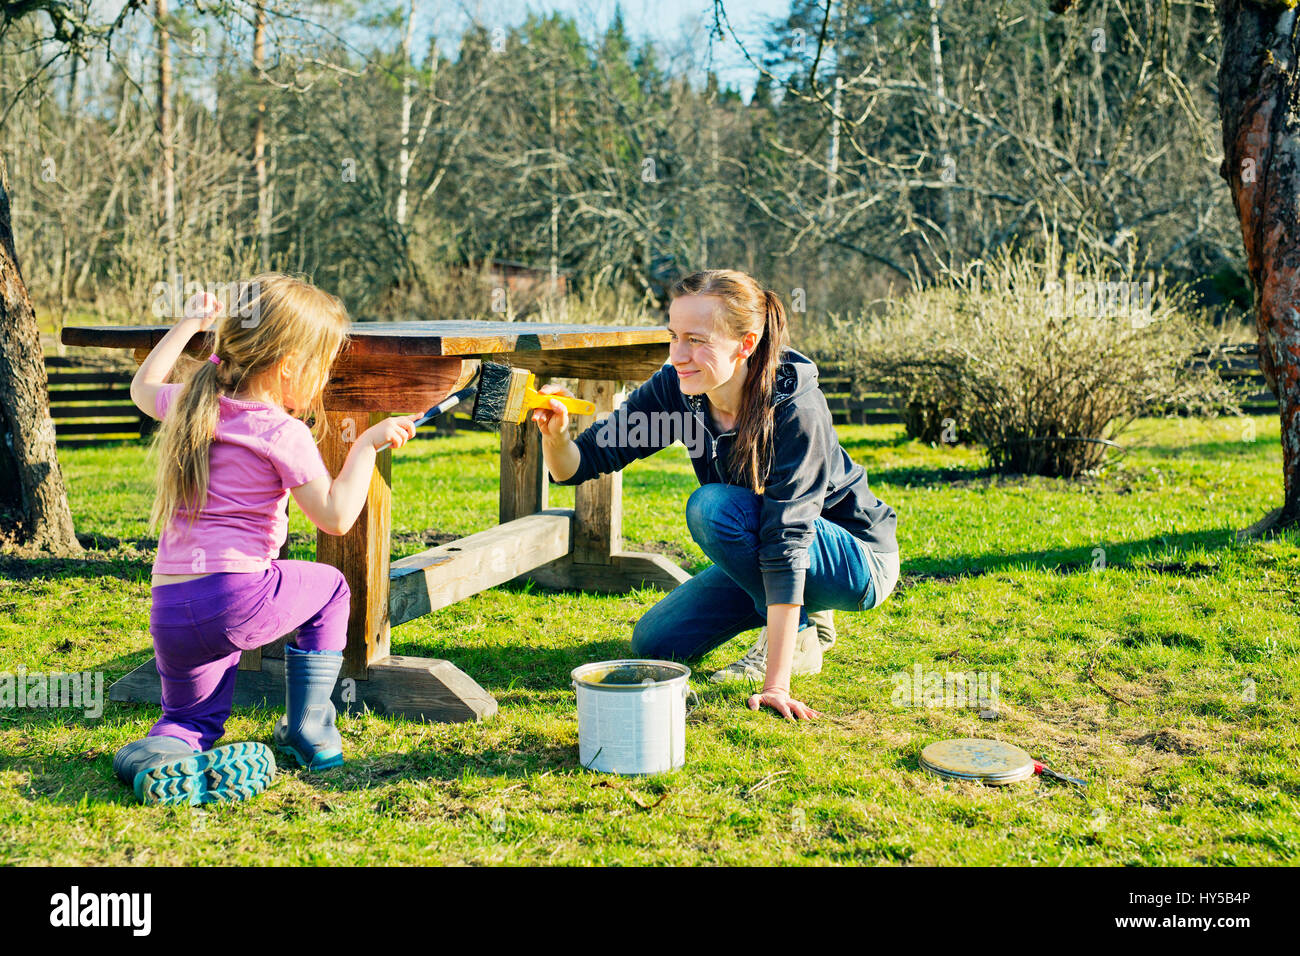 Finnland, paijat-Hame, Heinola, Mutter mit Tochter (4-5) Malerei Holztisch in Garten Stockbild